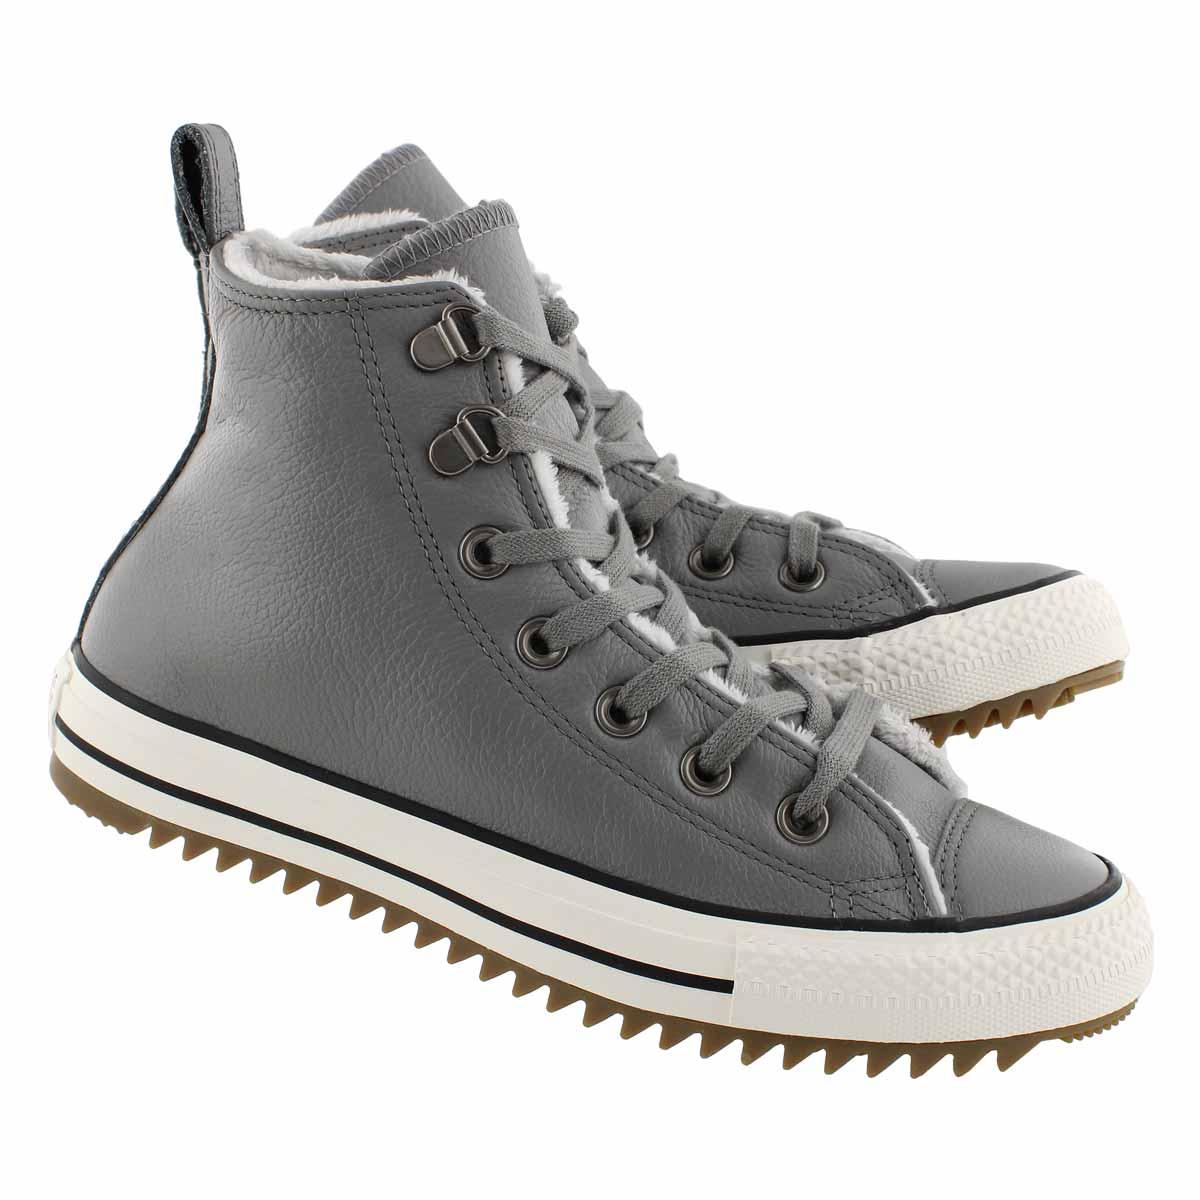 Lds CTAS Hiker mason/egret boot